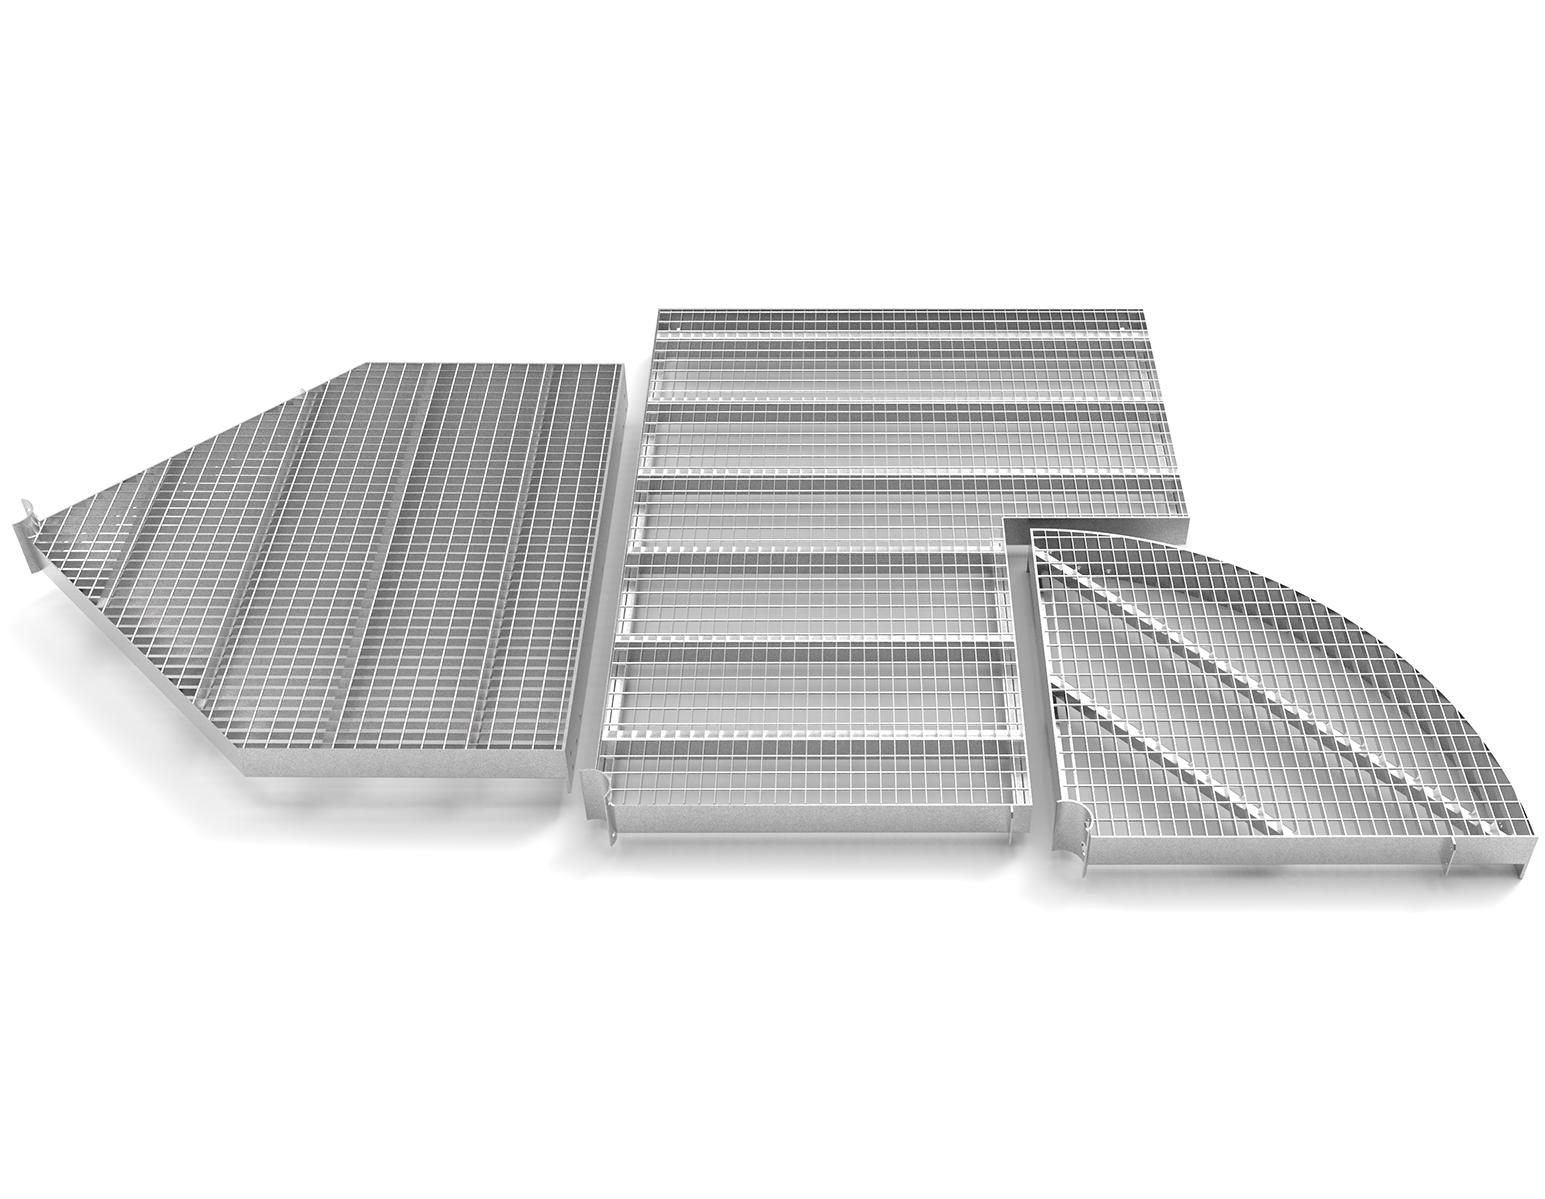 spiraltrappa avstigningsplan